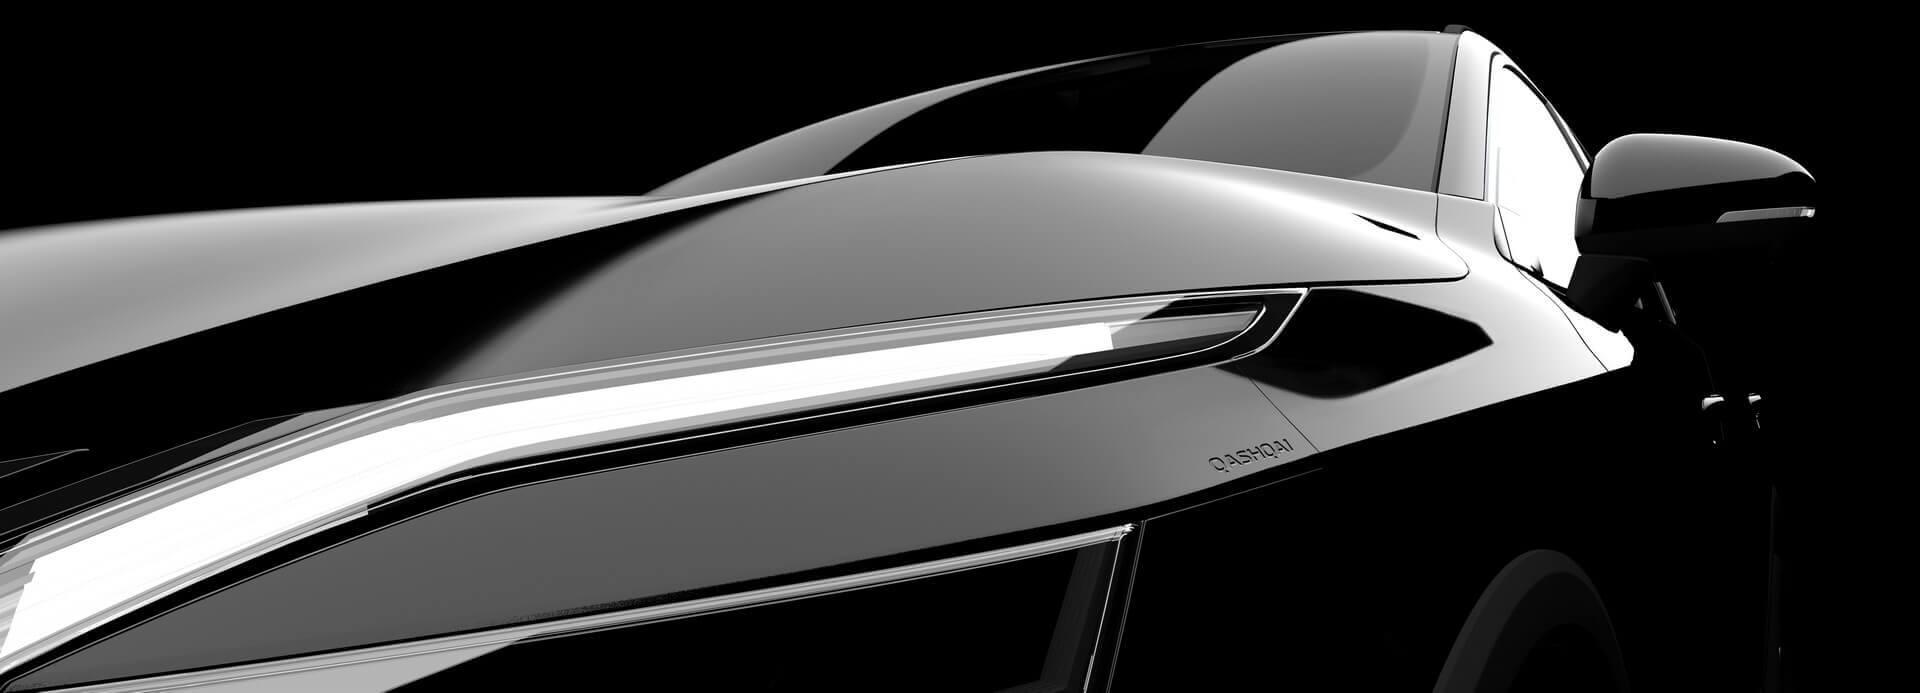 Третье поколение инновационного кроссовера компании Nissan готовится к официальной презентации весной 2021 года